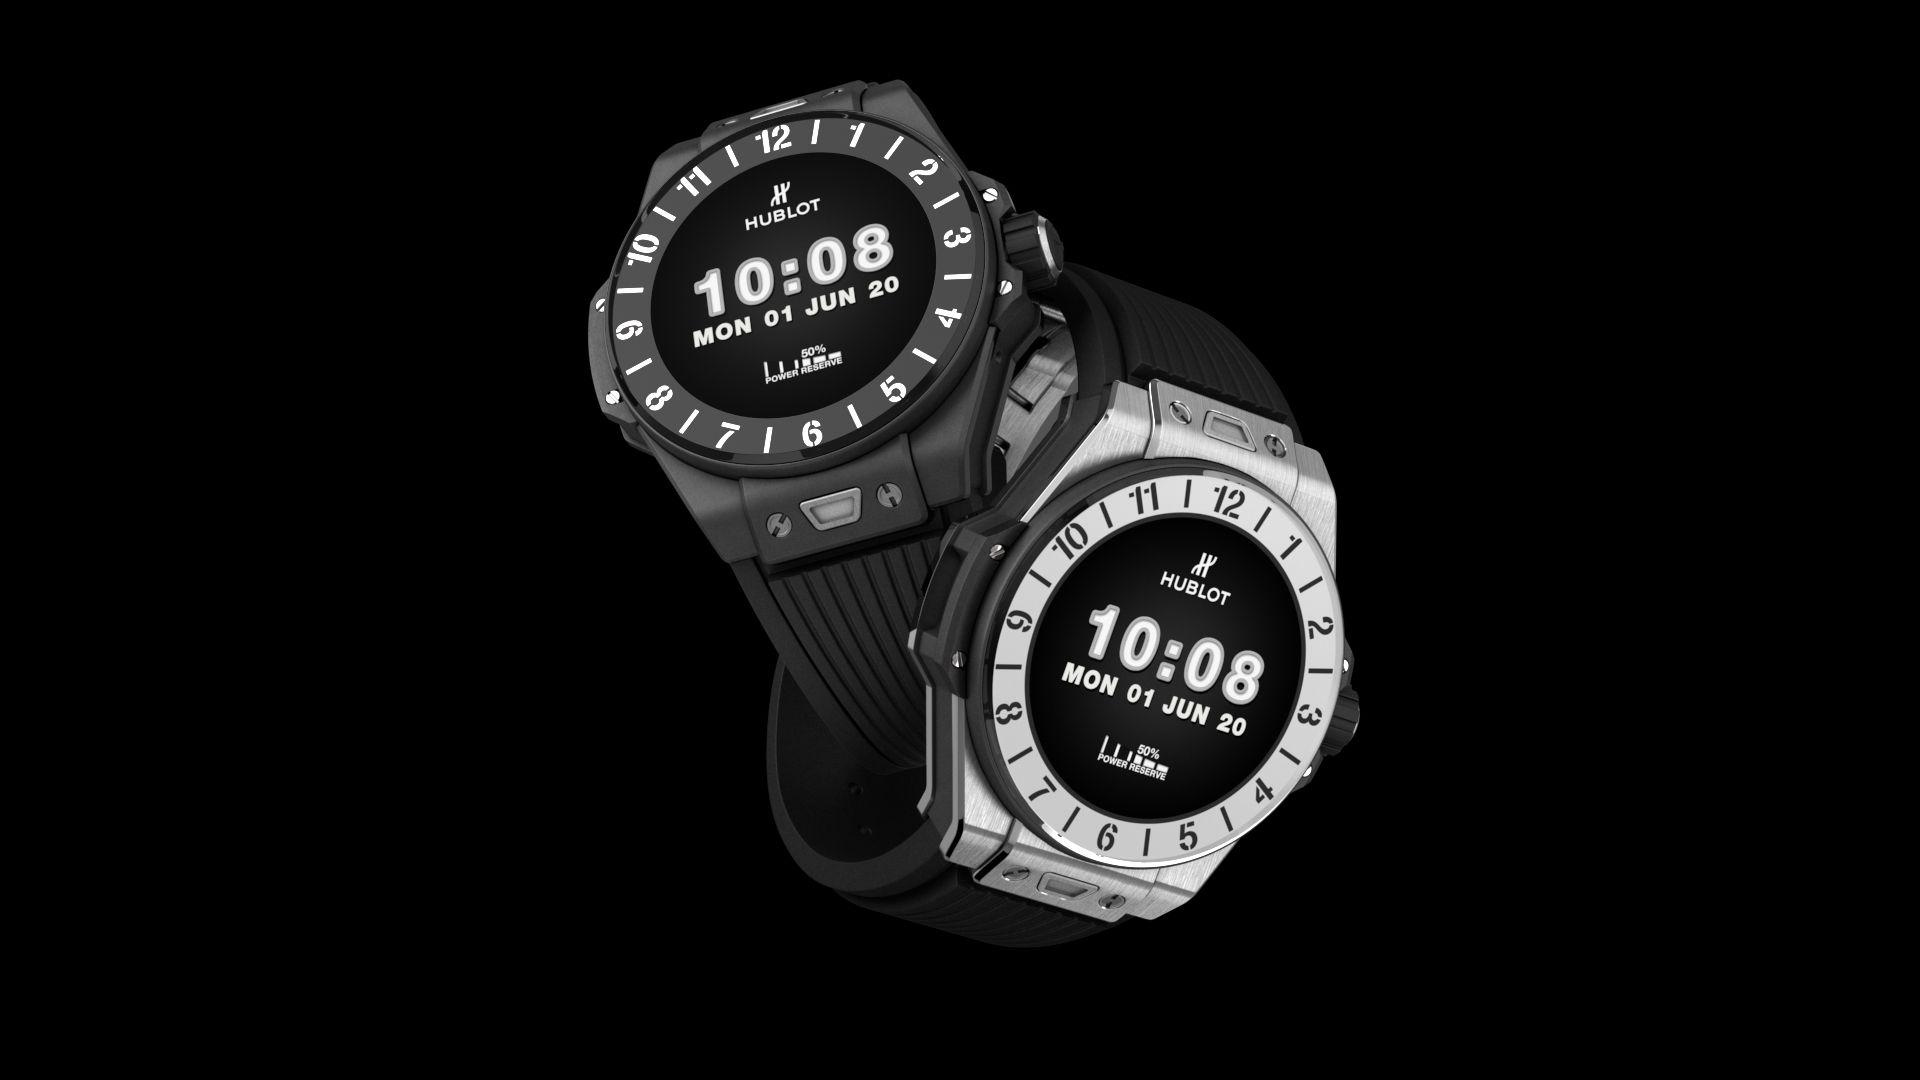 Orologi Designer Del Tempo l'orologio uomo hublot del 2020 è un digital watch di nuova